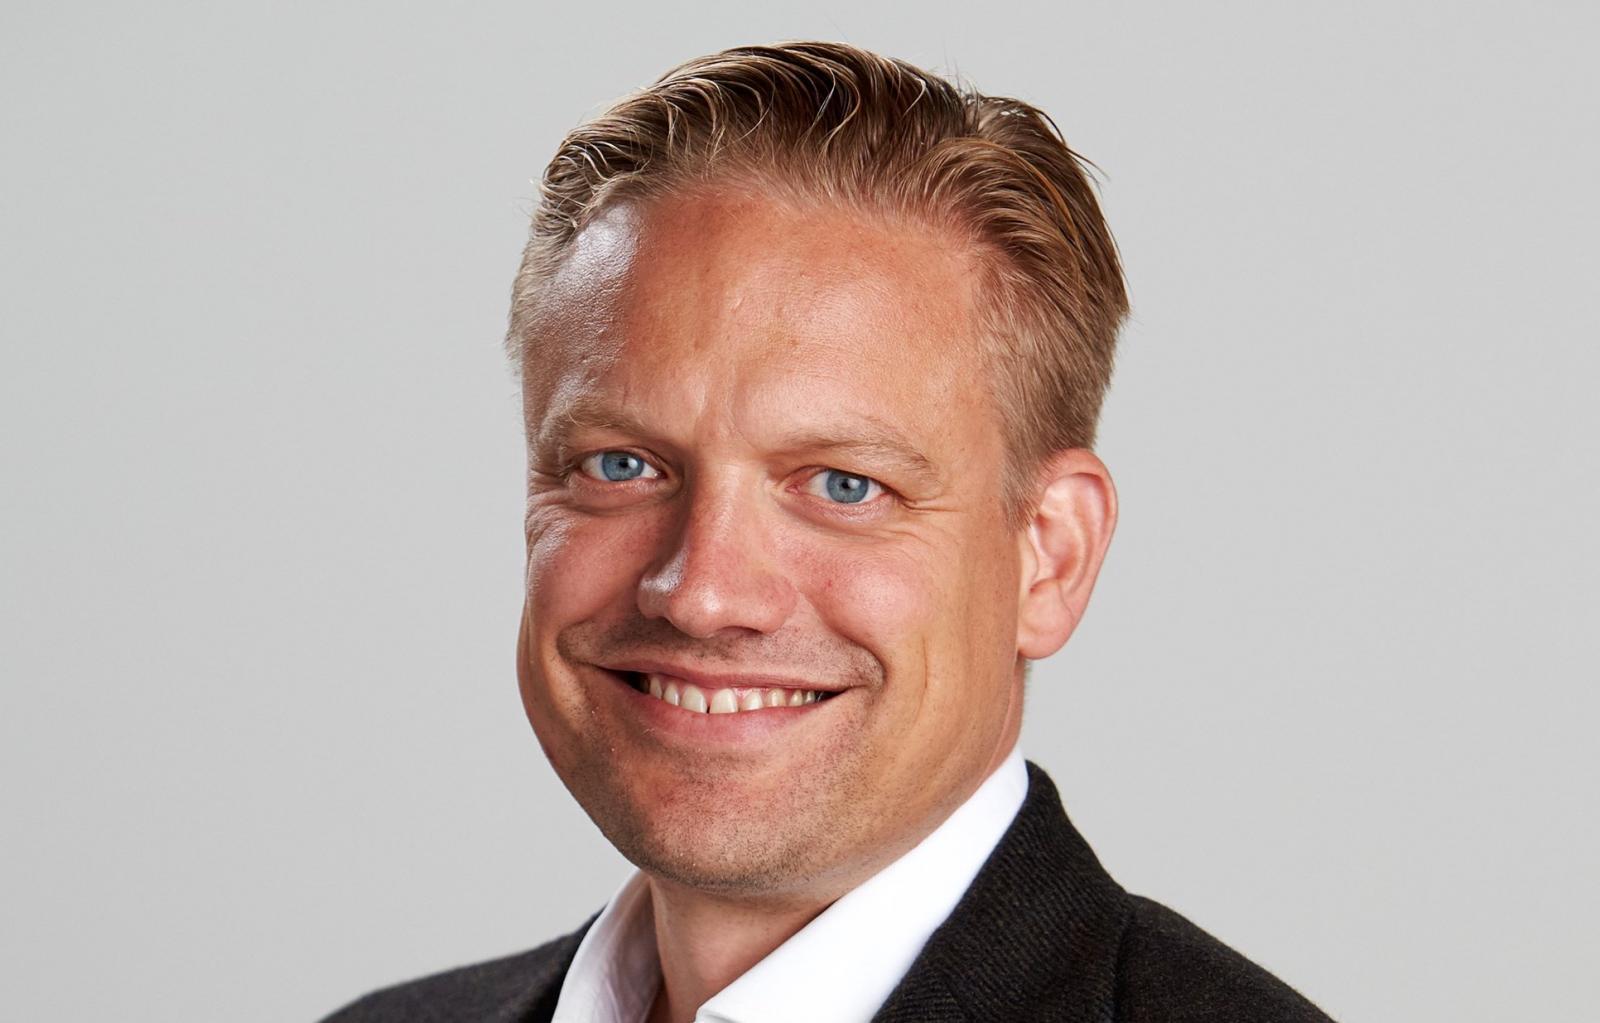 Att det ska bli enklare med snabbladdning längs vägen ligger högt upp på prioriteringslistan för Volvos utvecklingschef Henrik Green.